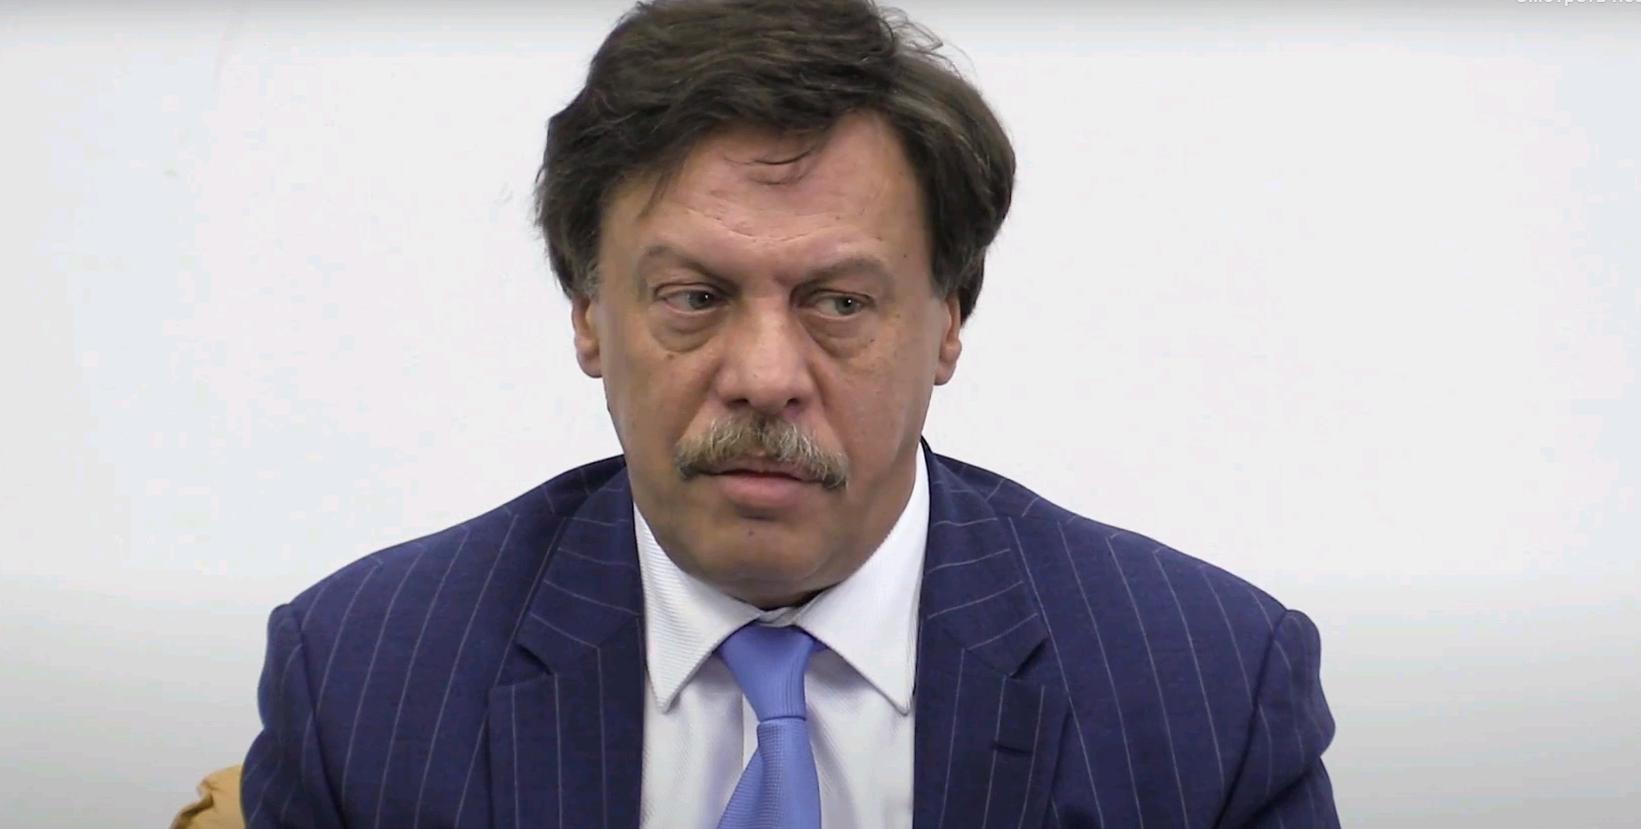 Барщевский: Создание угрозы массового заболевания людей уголовно наказуемо